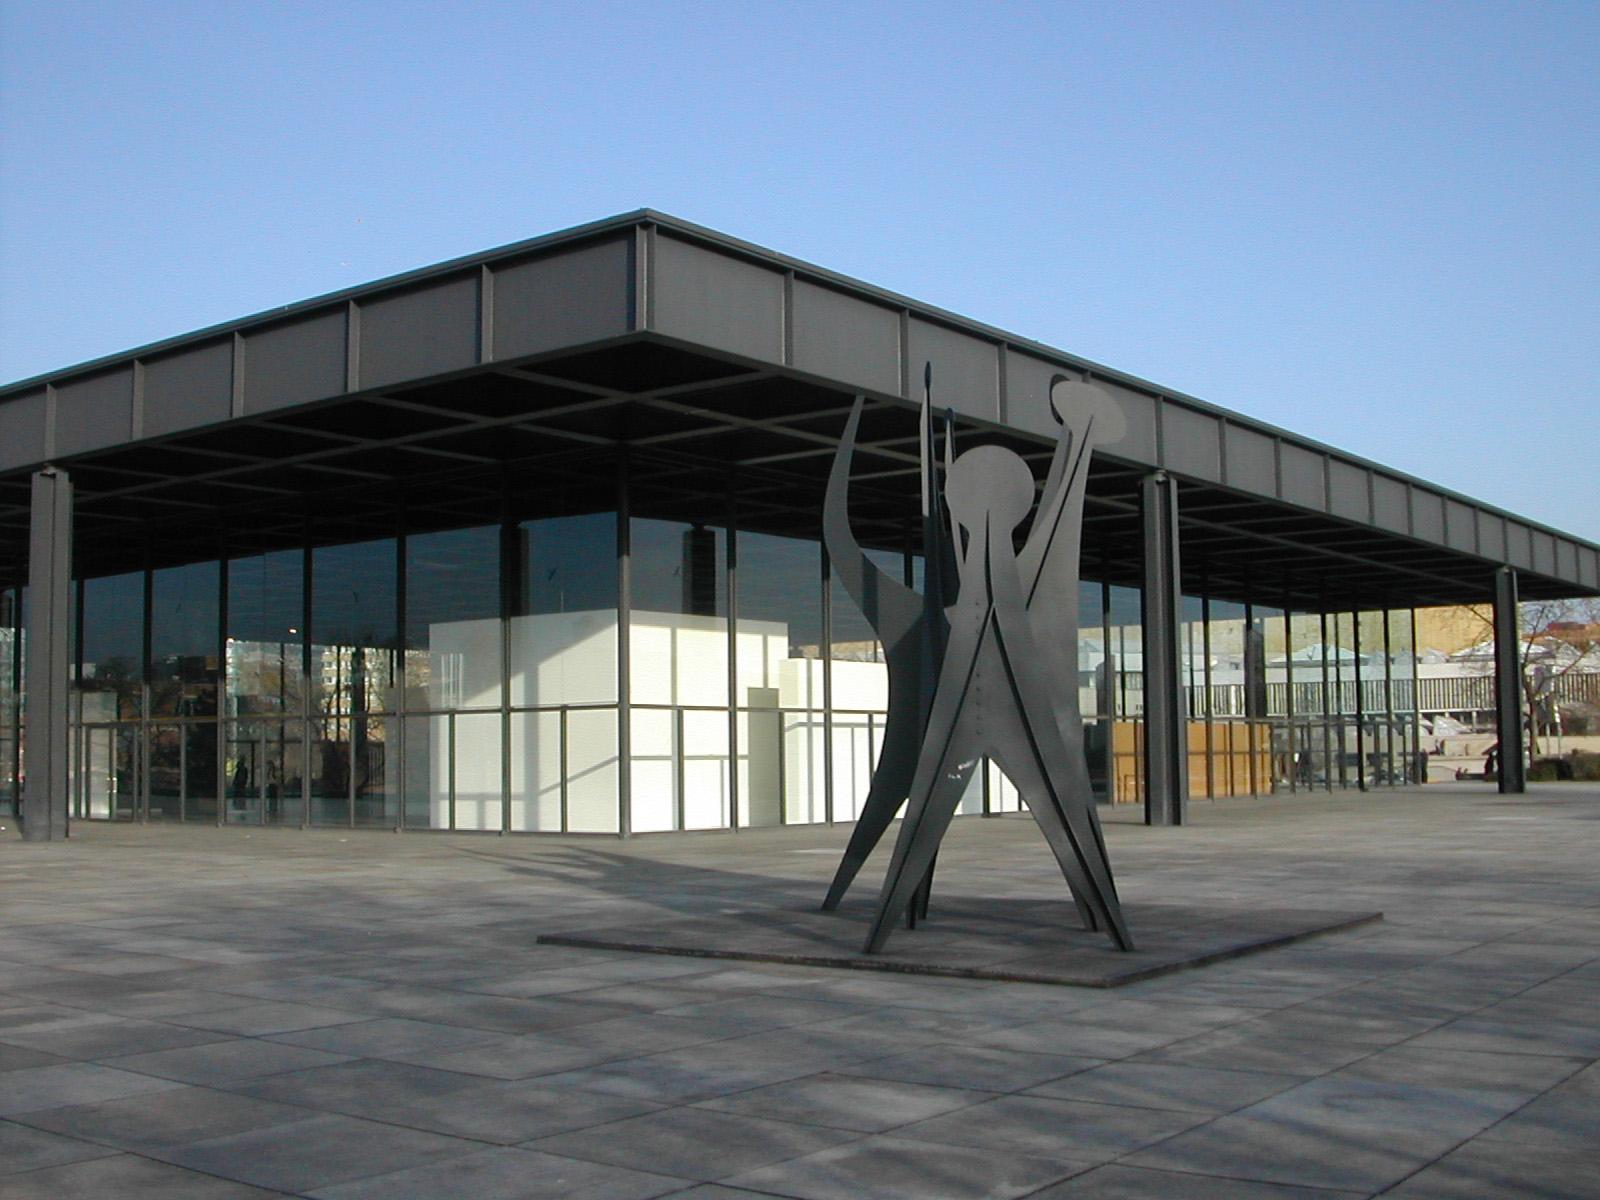 na zdjęciu znajduje się budynek w stylu Modernizmu: L. Mies van der Rohe, Nowa Galeria Narodowa w Berlinie, jest cały w szybach z płaskim dachem